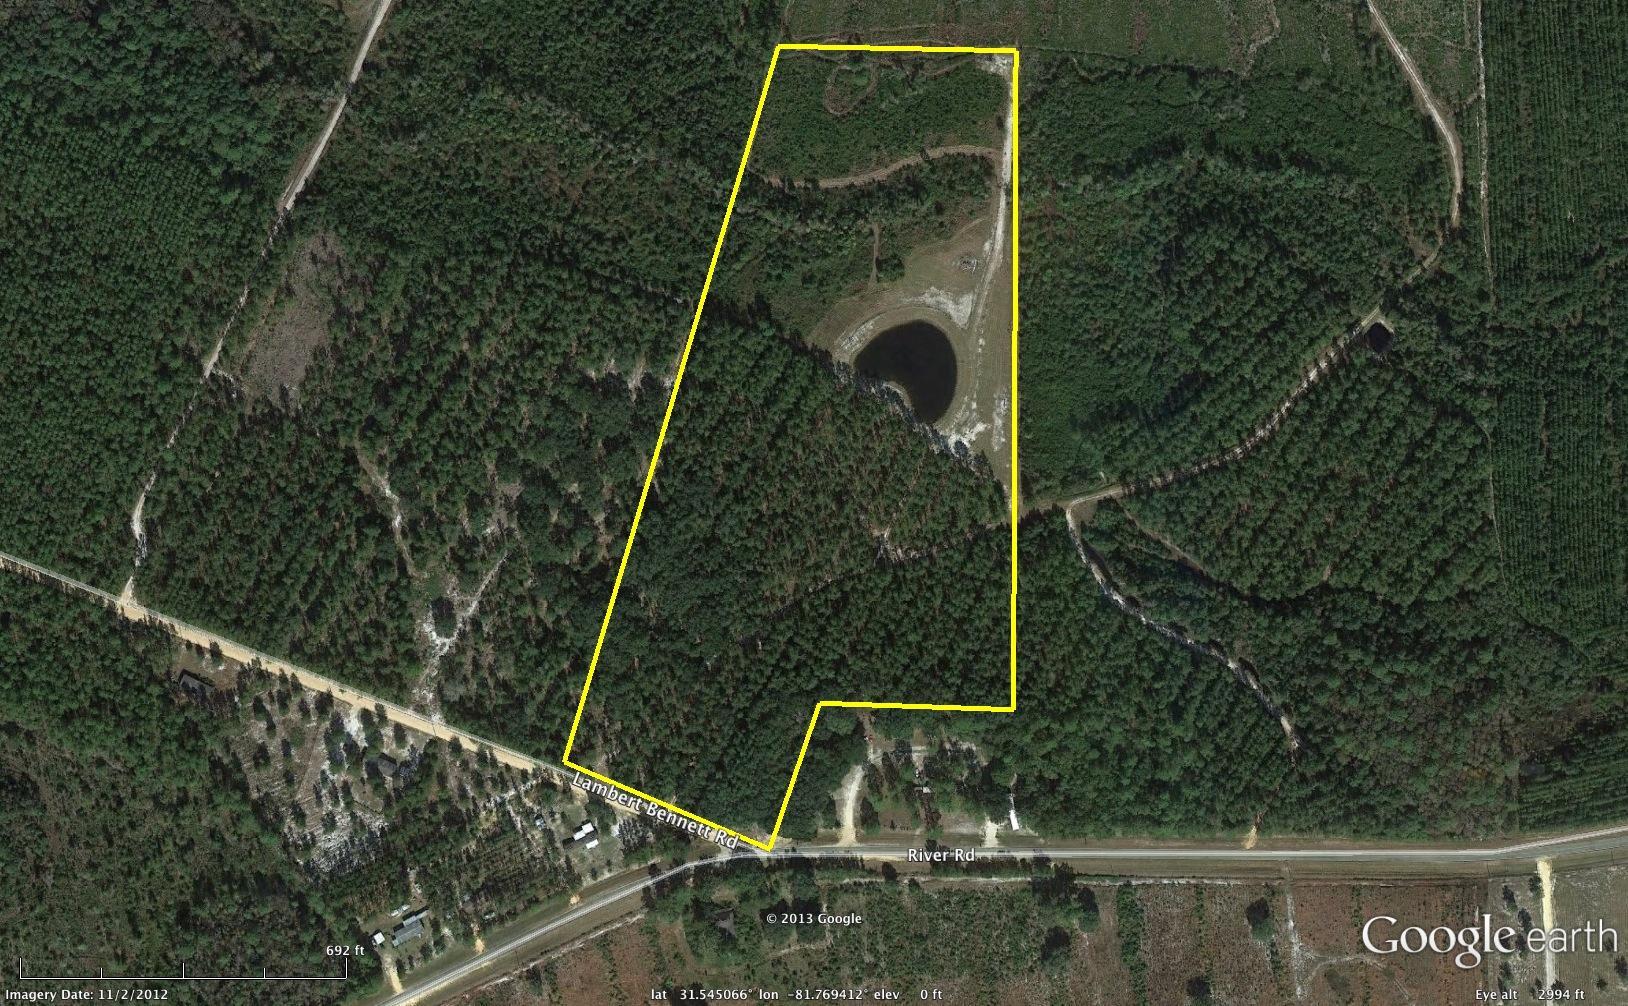 25 acres of Recreational Land / Undeveloped Land for sale. Lambert Bennett Rd, Jesup, GA